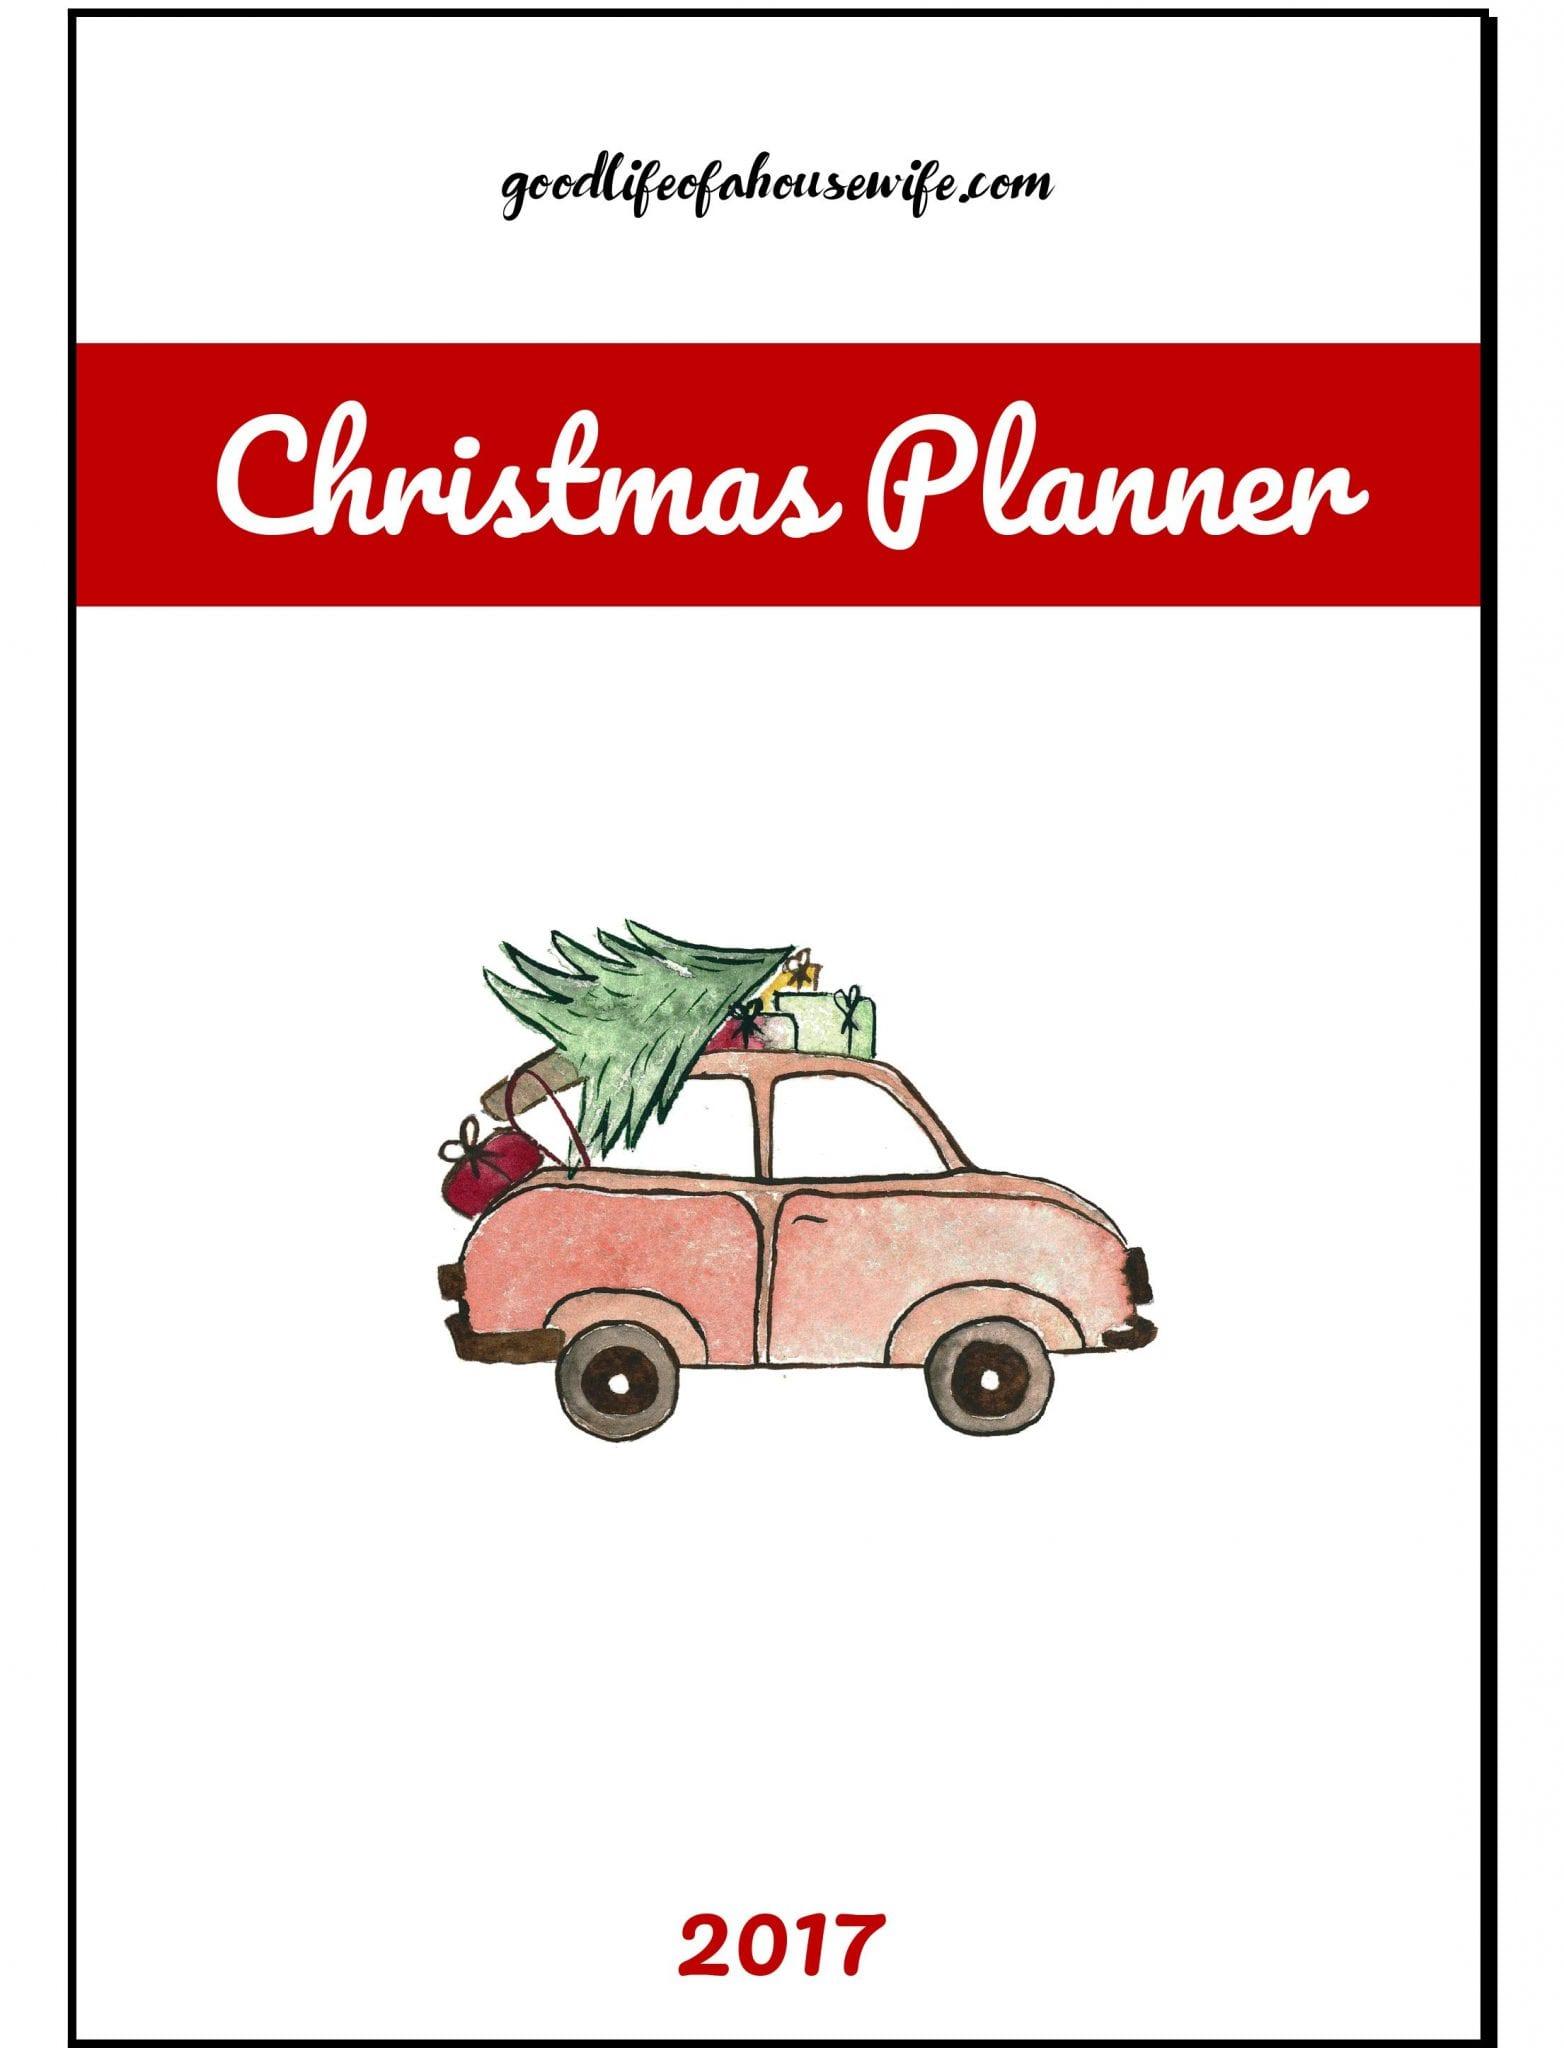 2017 Christmas planner [free printable]